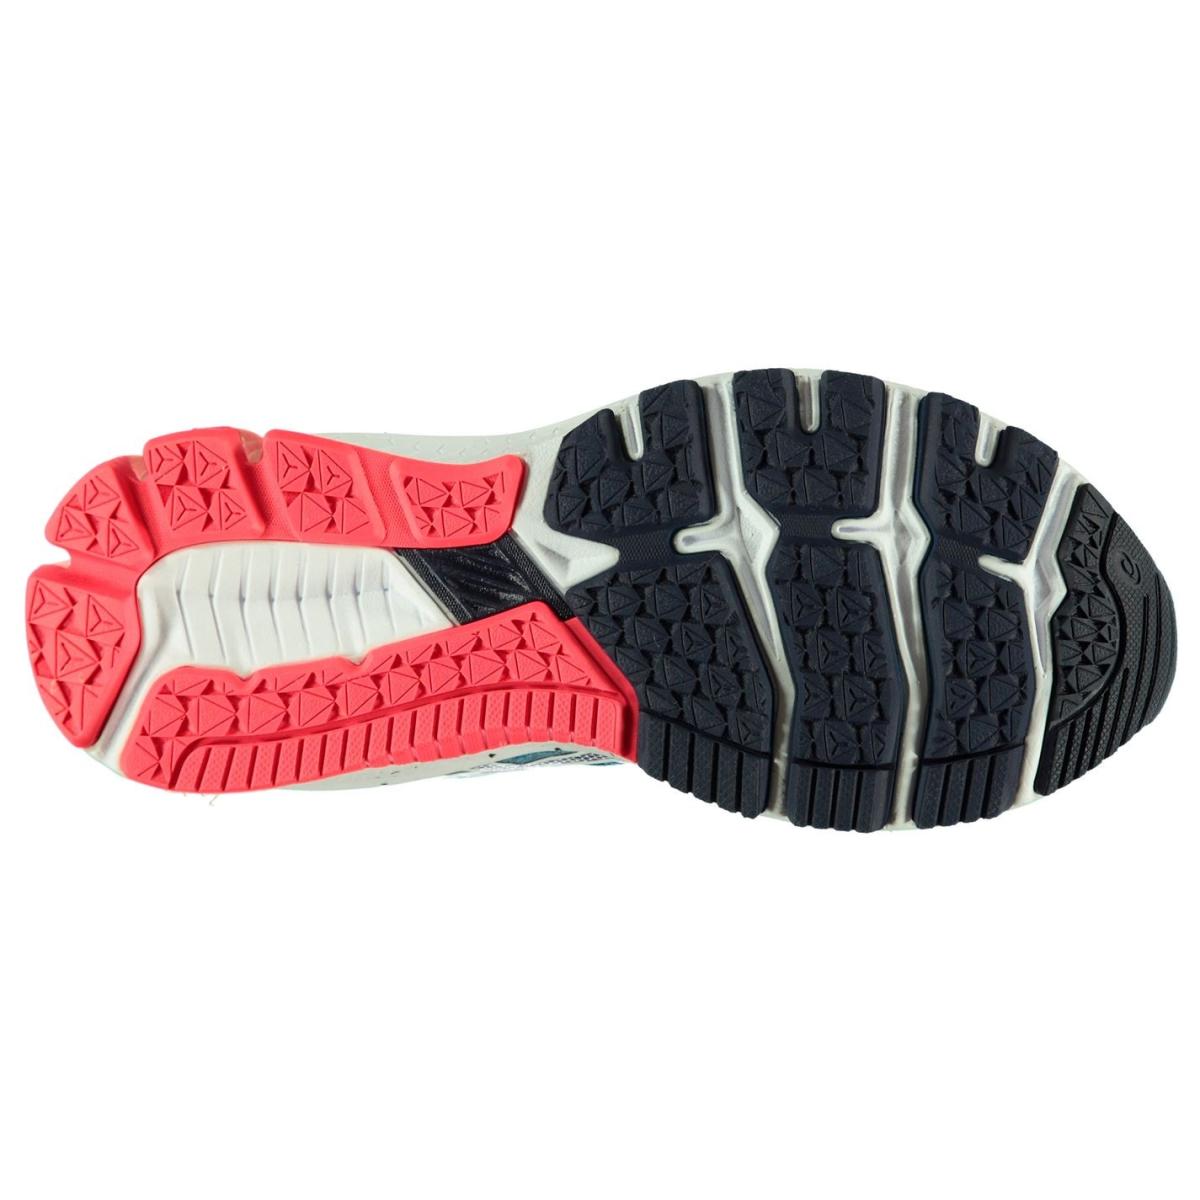 Asics-Turnschuhe-Damen-Sneaker-Sportschuhe-Laufschuhe-Gt1000v9-4243 Indexbild 3